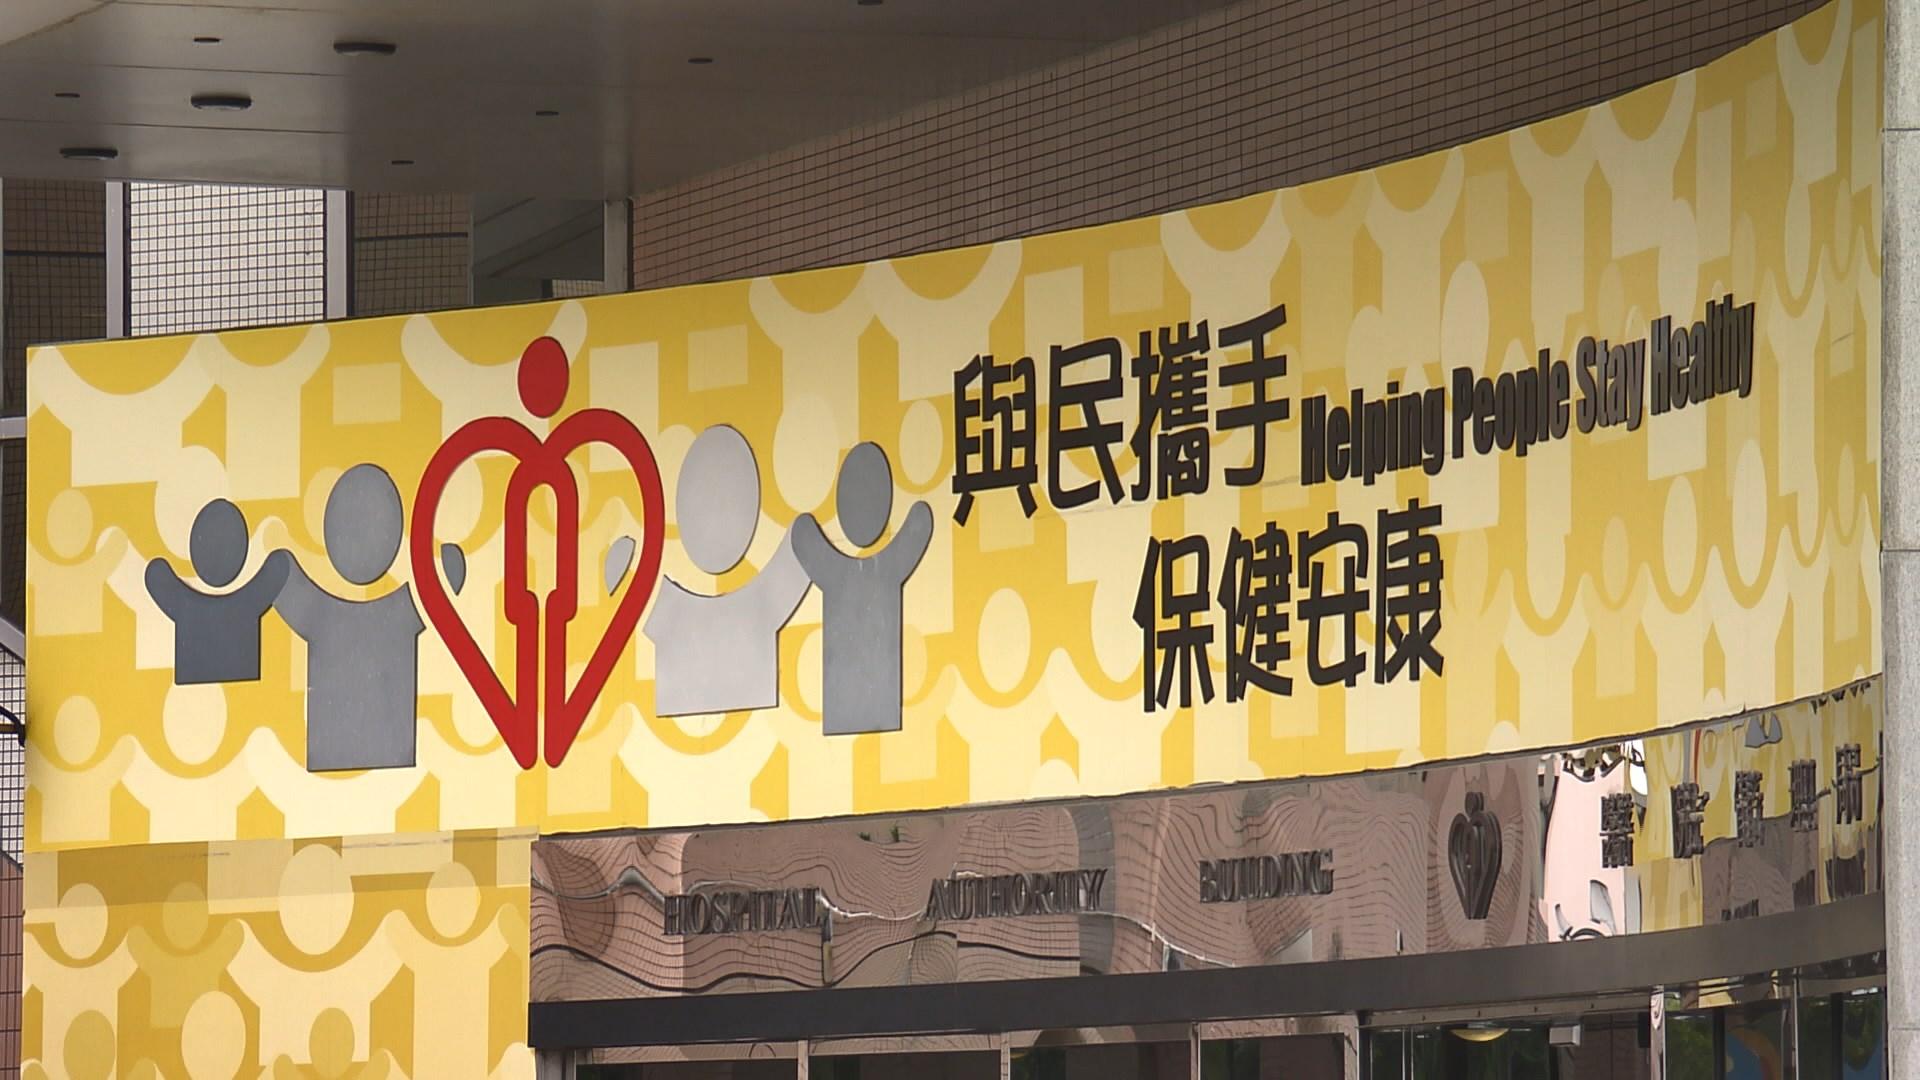 醫管局 : 公立醫院不宜作公眾集會場地